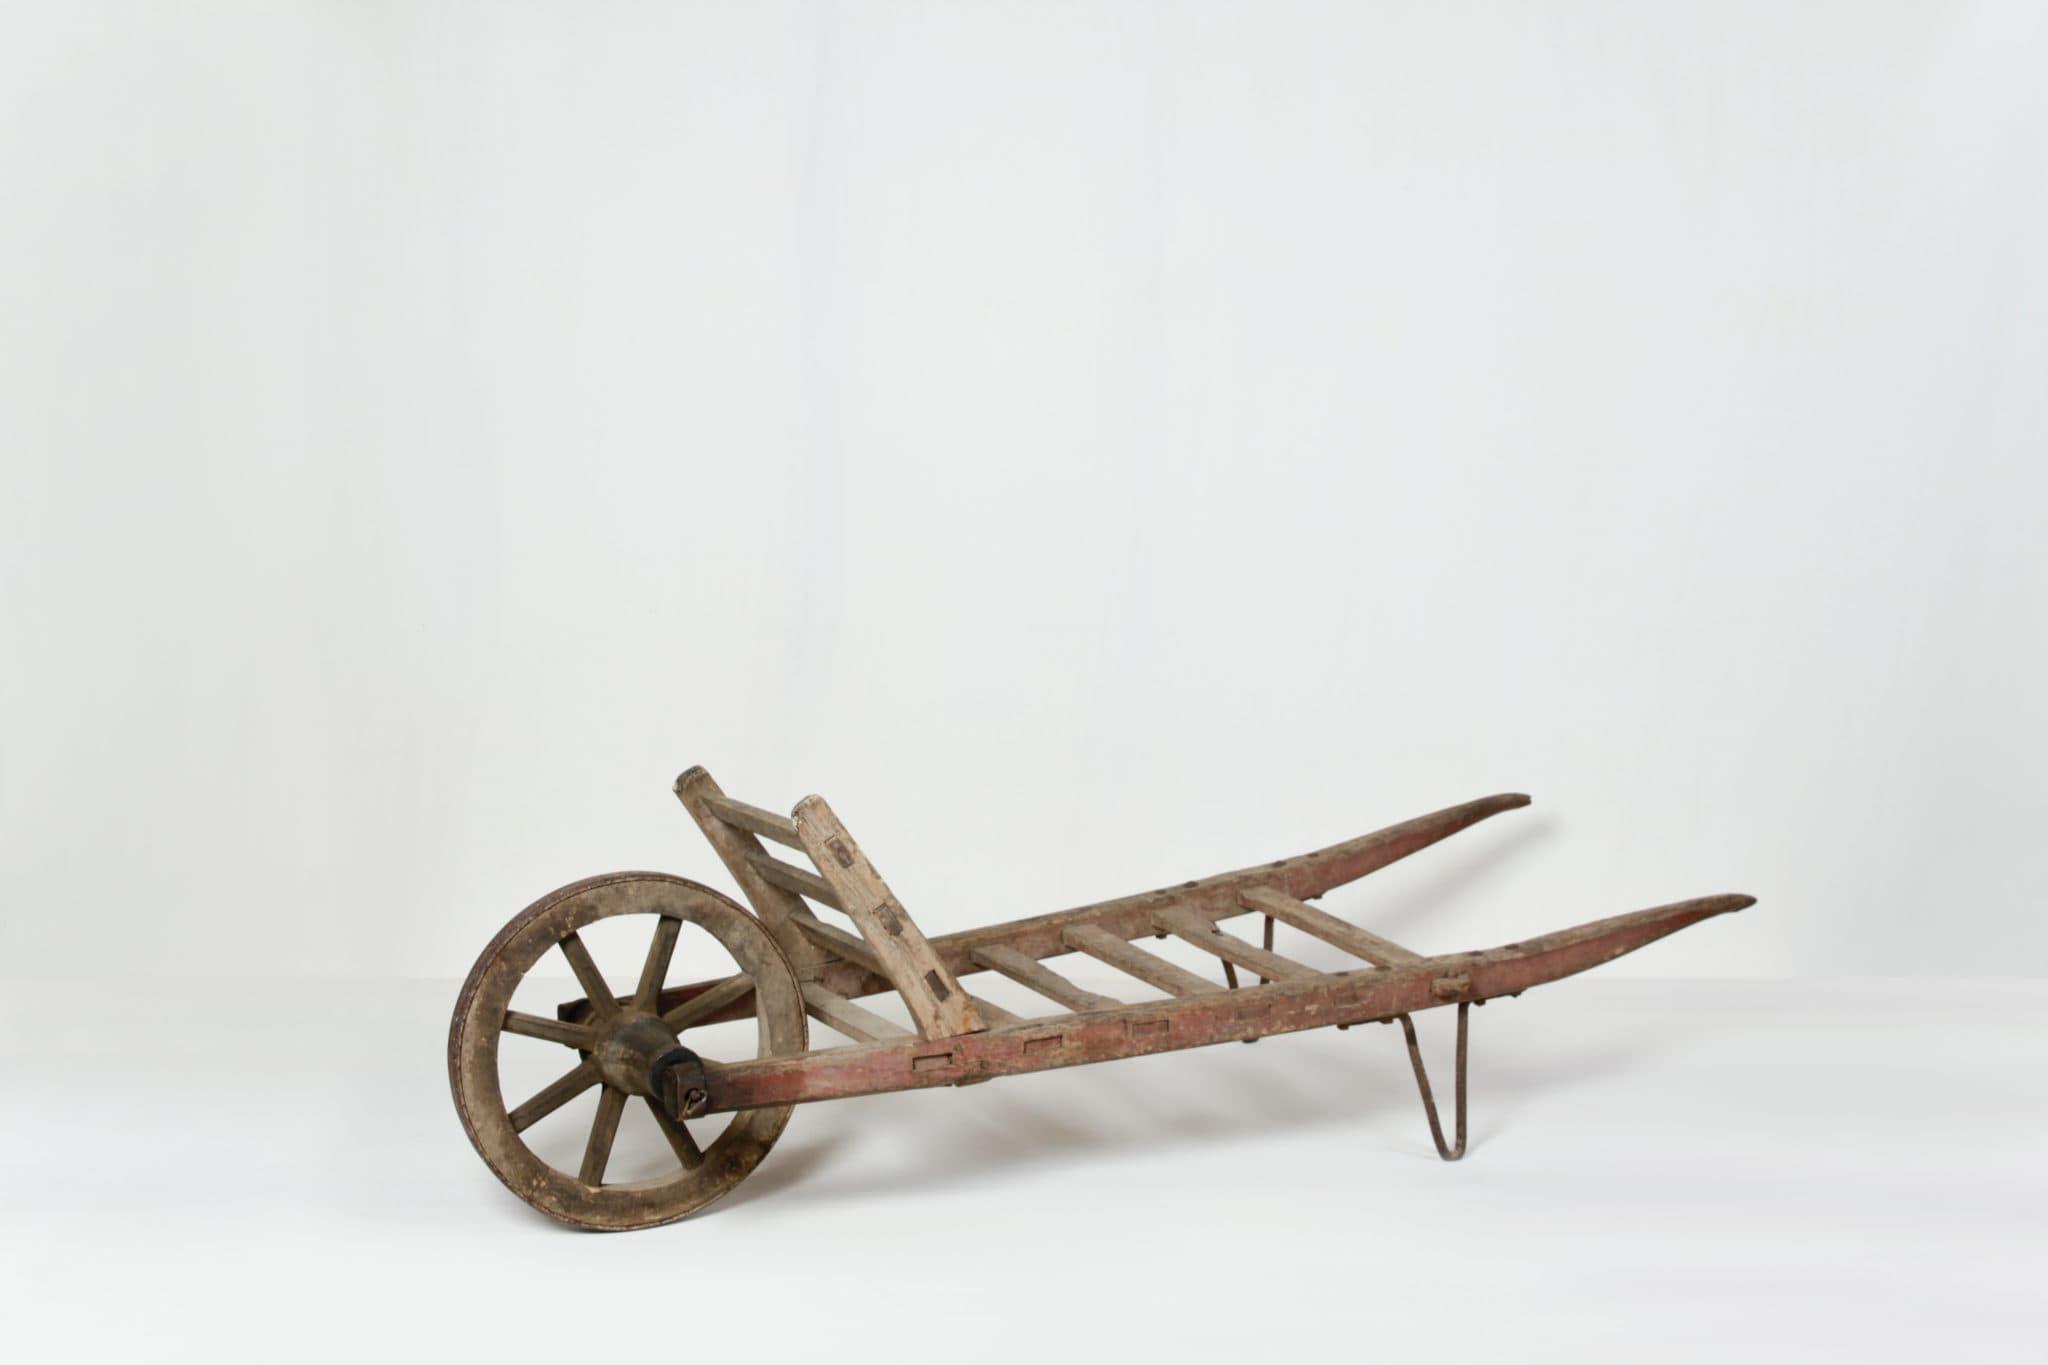 Holzschubkarre Elvio | Schubkarre für eine ländliche Dekoration. Nett mit Heu oder als Plattform für eigene Ideen. | gotvintage Rental & Event Design